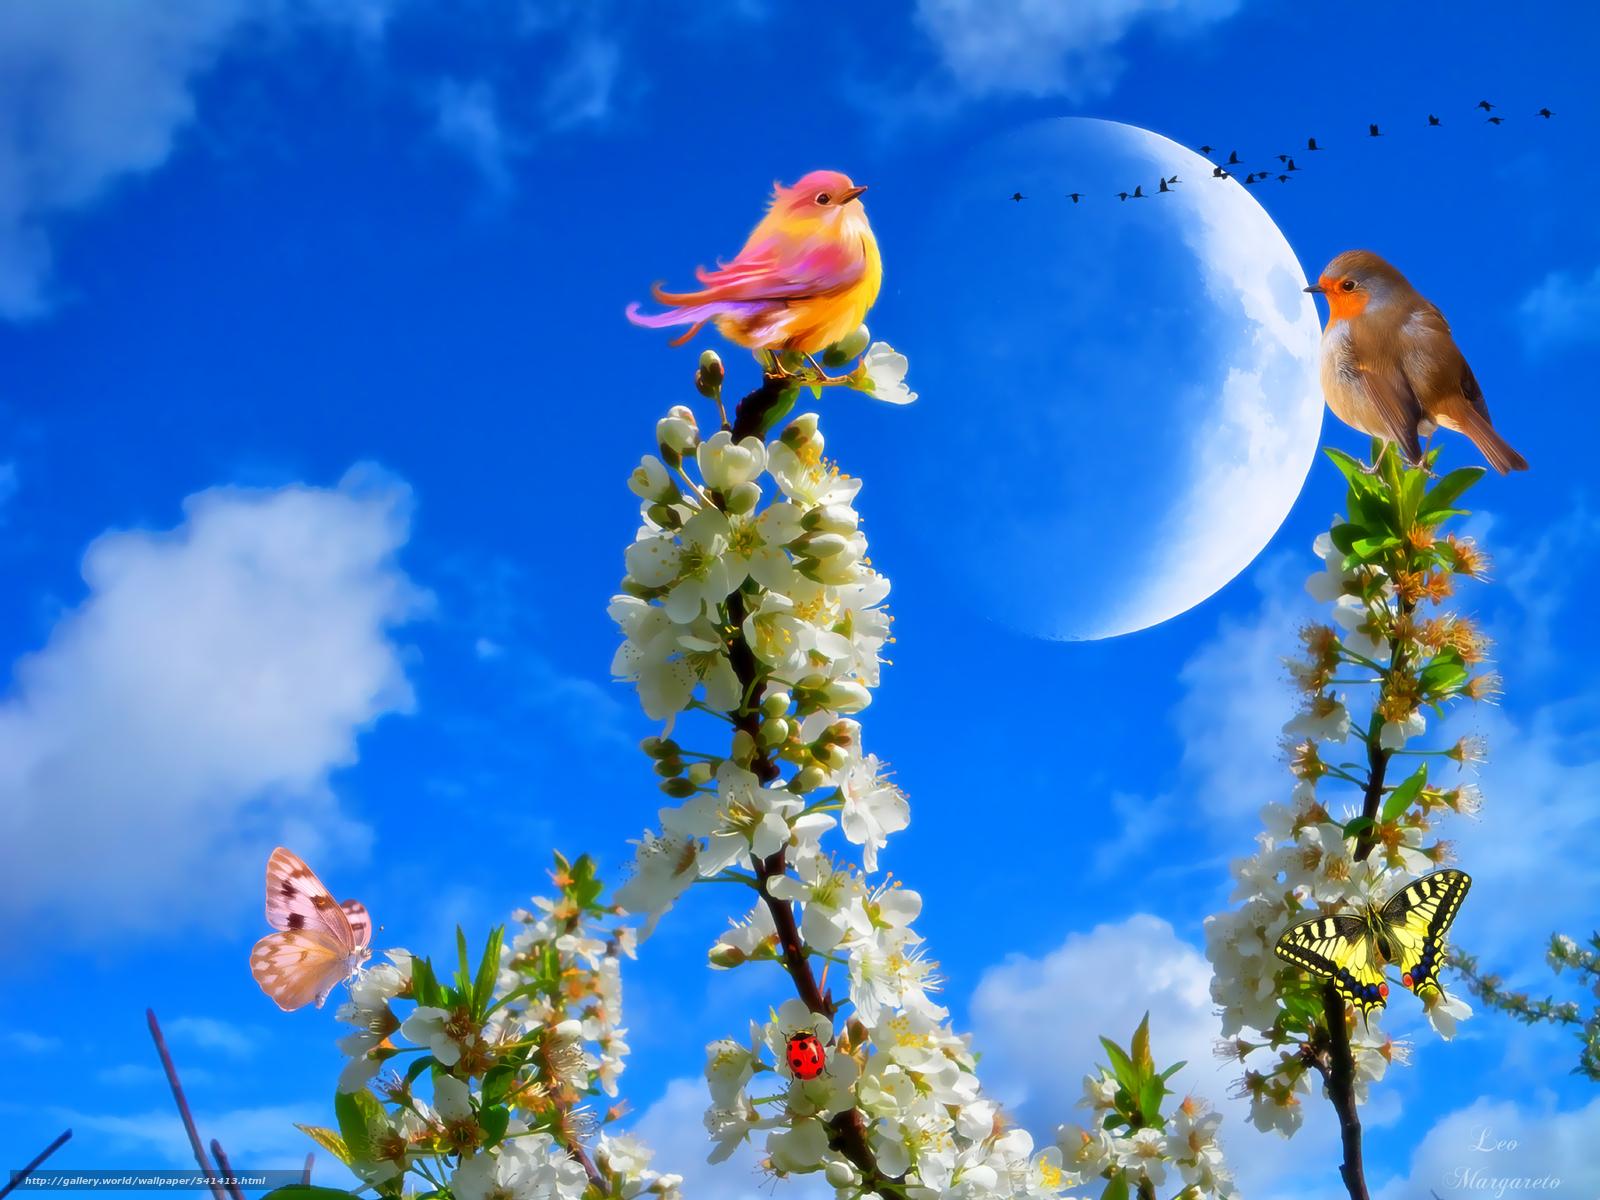 tlcharger fond d 39 ecran branch fleurs oiseaux papillon fonds d 39 ecran gratuits pour votre. Black Bedroom Furniture Sets. Home Design Ideas